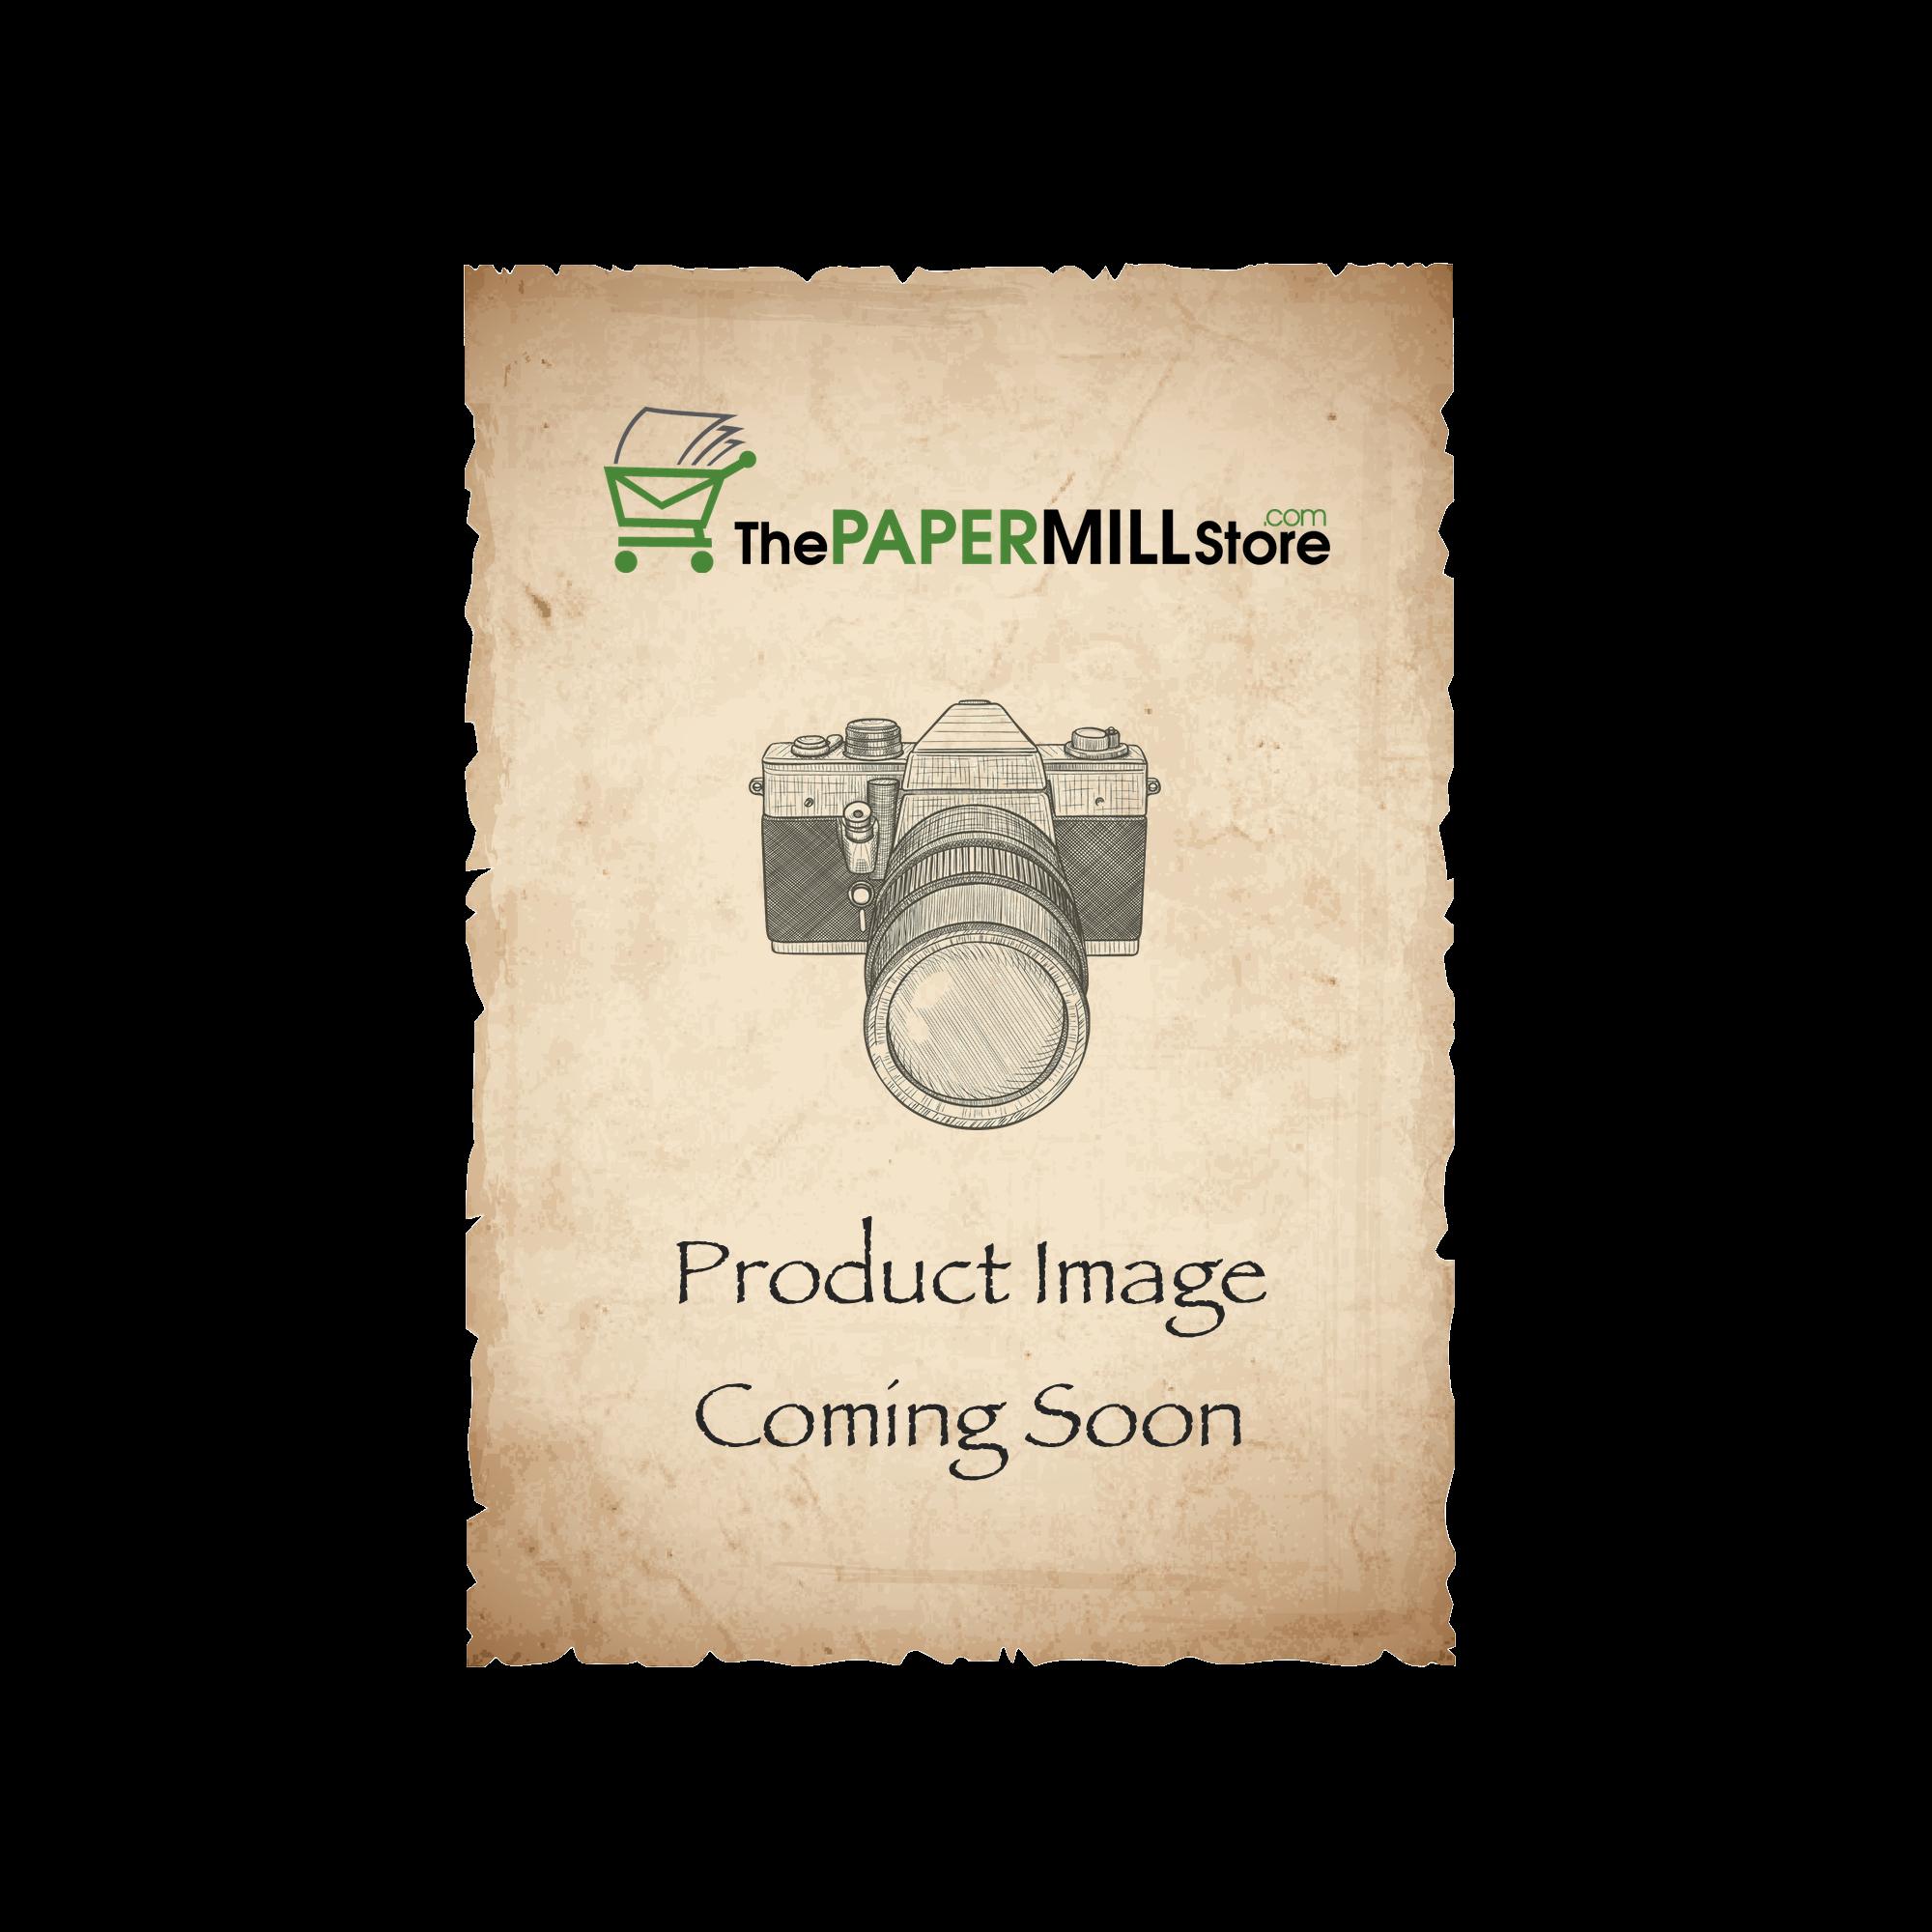 Loop Linen Citrus Green Envelopes - No. 10 Commercial (4 1/8 x 9 1/2) 24 lb Writing Linen  50% Recycled 2500 per Carton